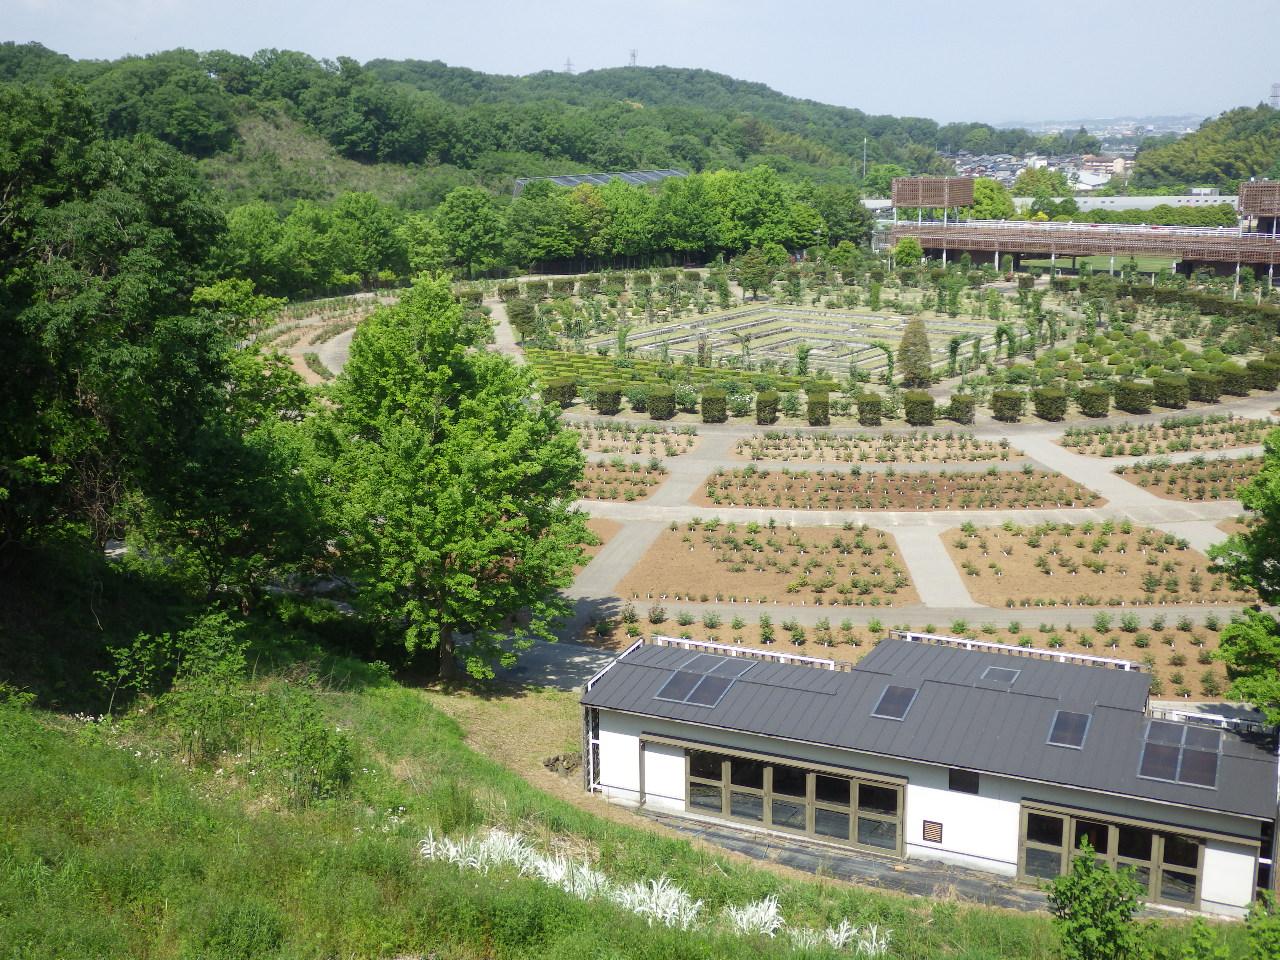 岐阜県 花フェスタ記念公園 バラ園土壌改良工事 完成